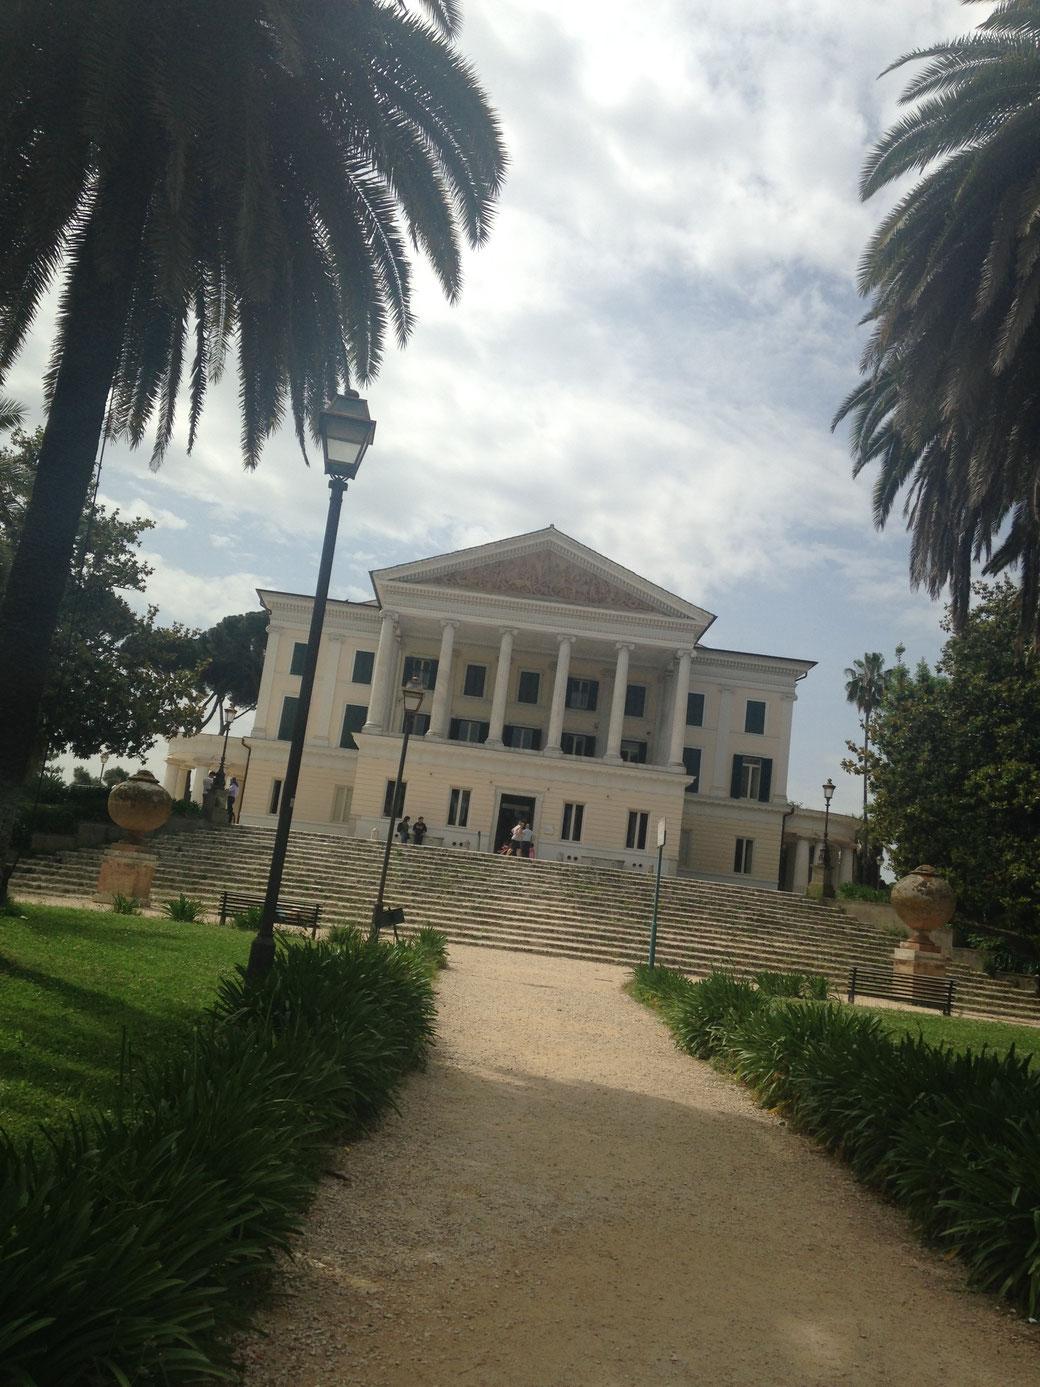 Das schneeweiße Casino Nobile in der Villa Torlonia in Rom